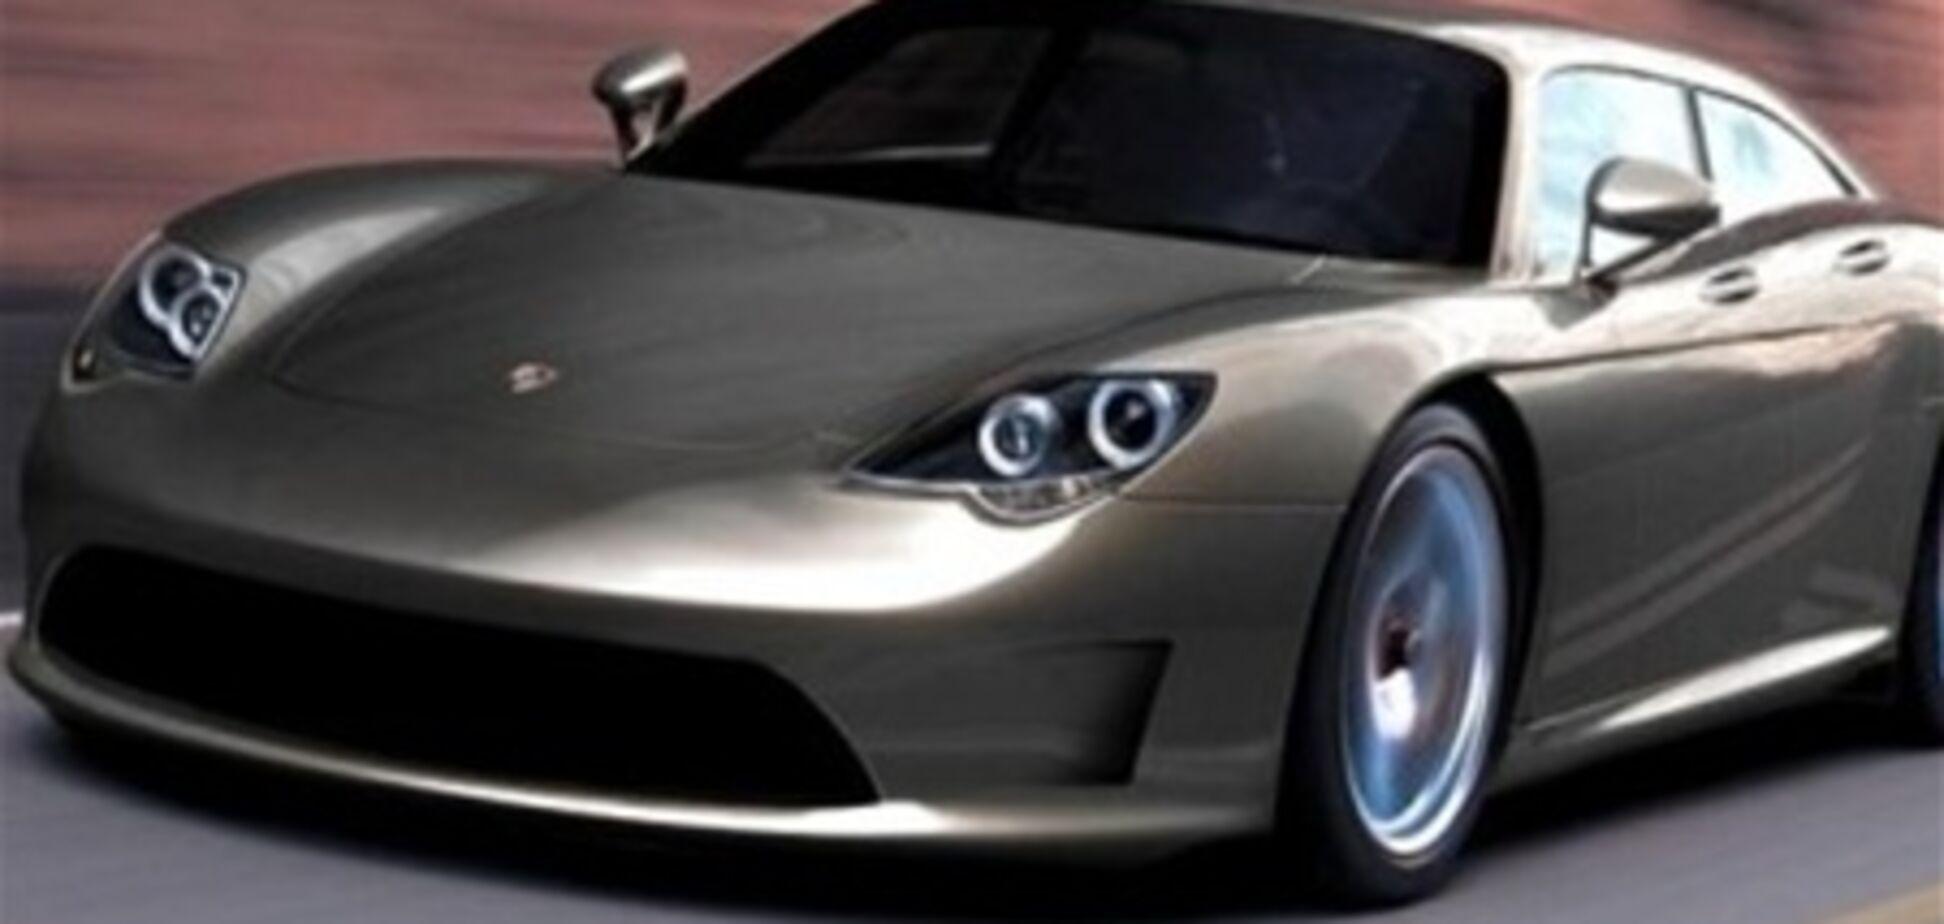 В Киеве дорогущий Porsche продали за 1 000 гривен